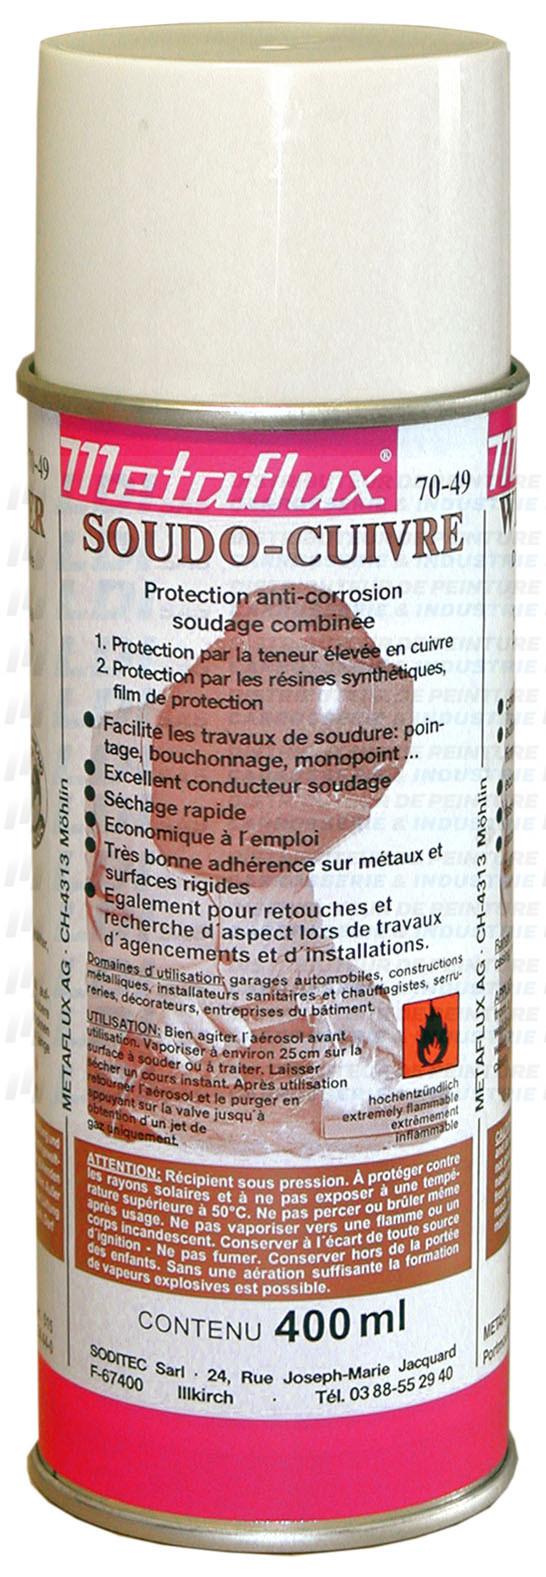 SOUDO CUIVRE AEROSOL 400ML